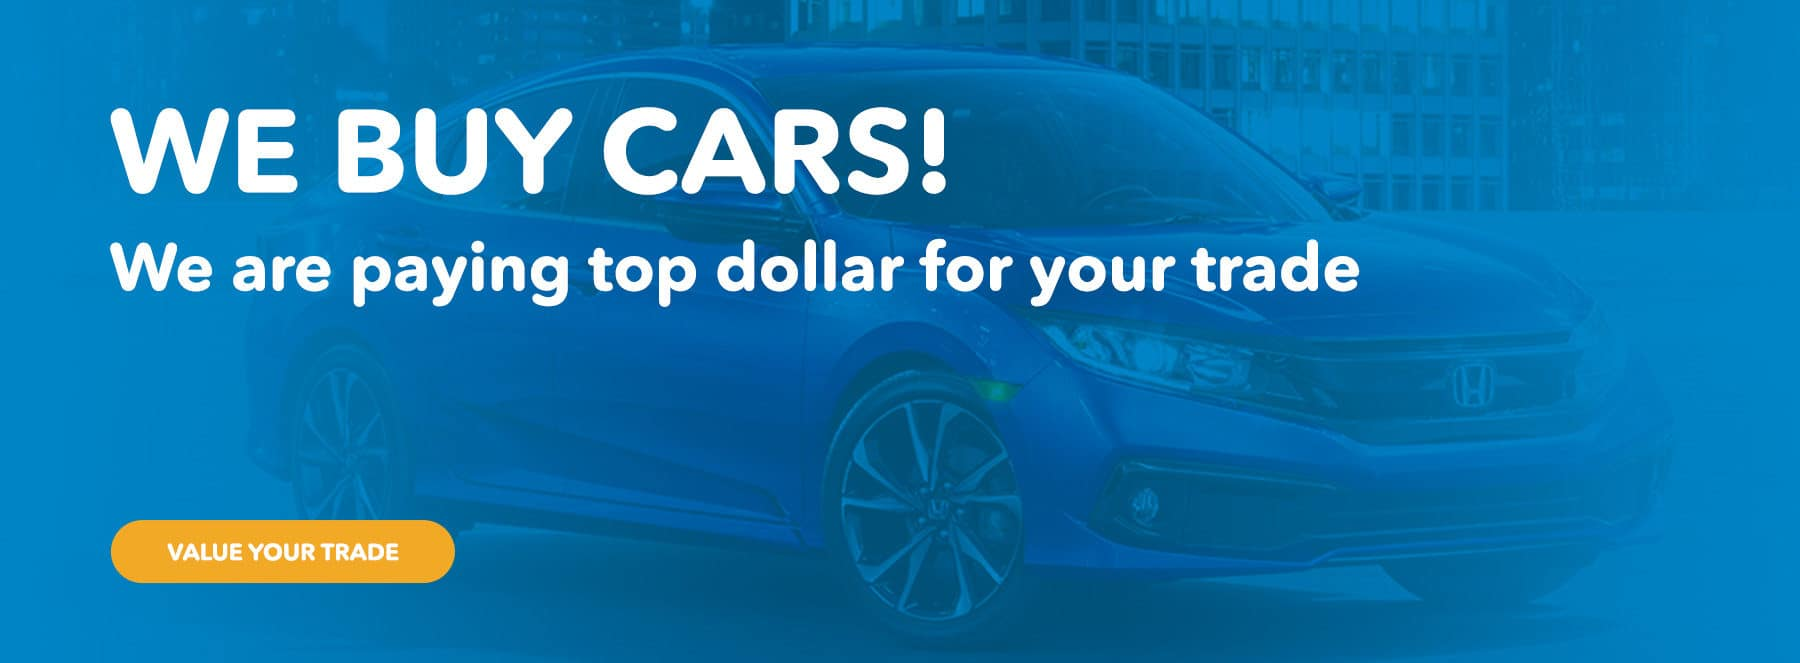 We Buy Cars!